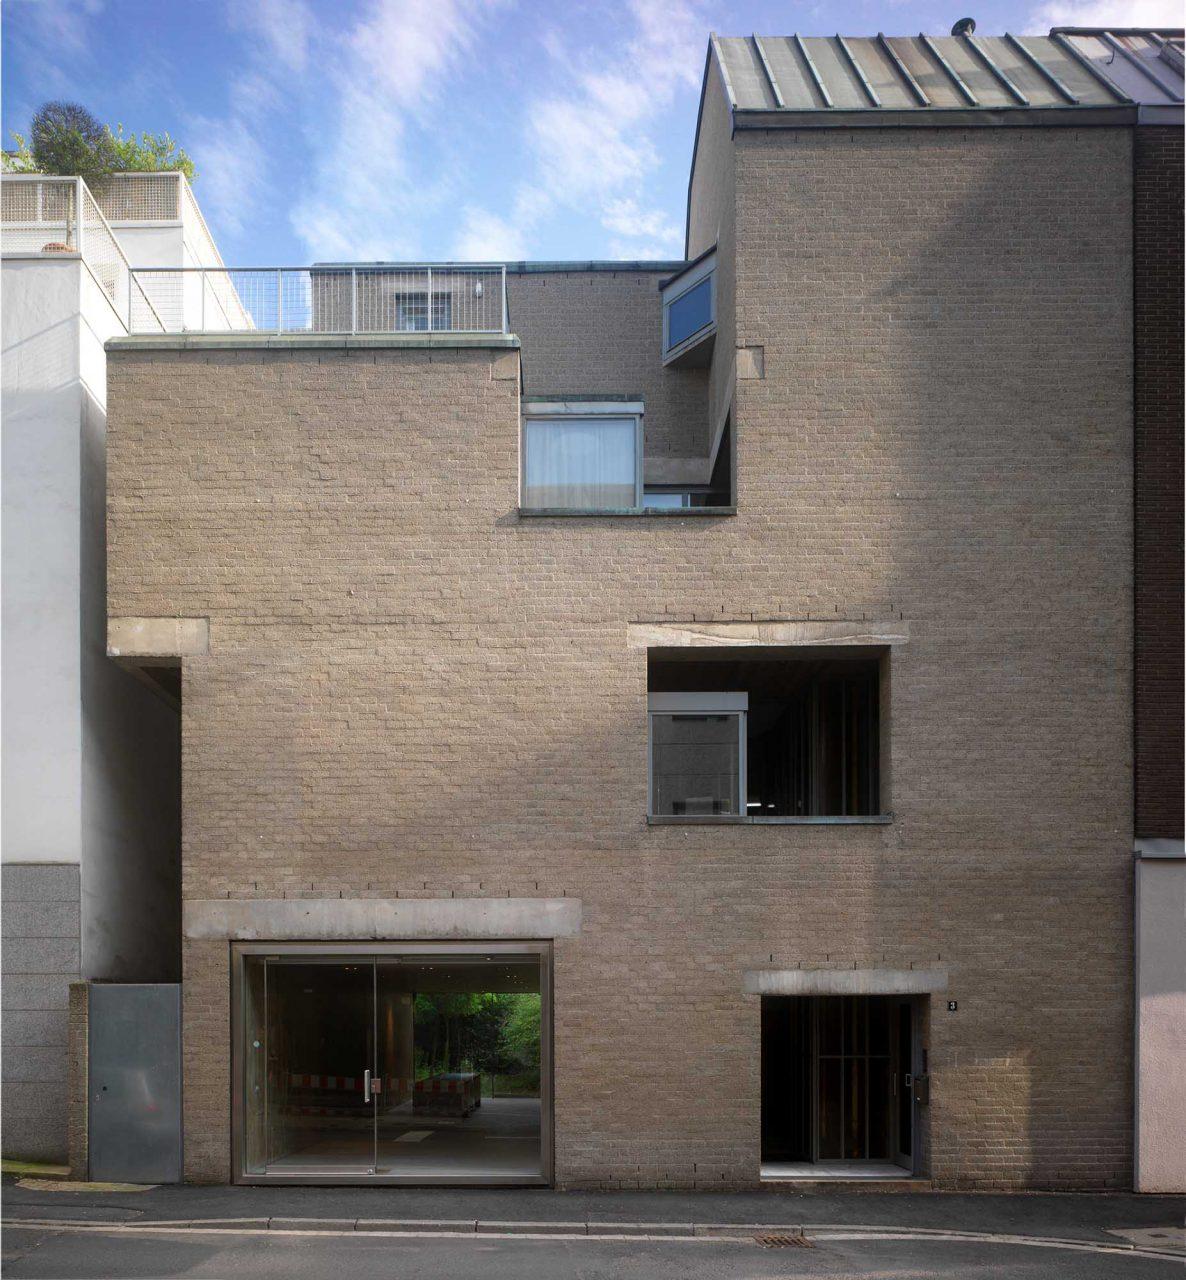 Schmela-Haus.  Vom niederländischen Architekten Aldo van Eyck für den Kunsthändler Alfred Schmela entworfen. Fertigstellung 1971.